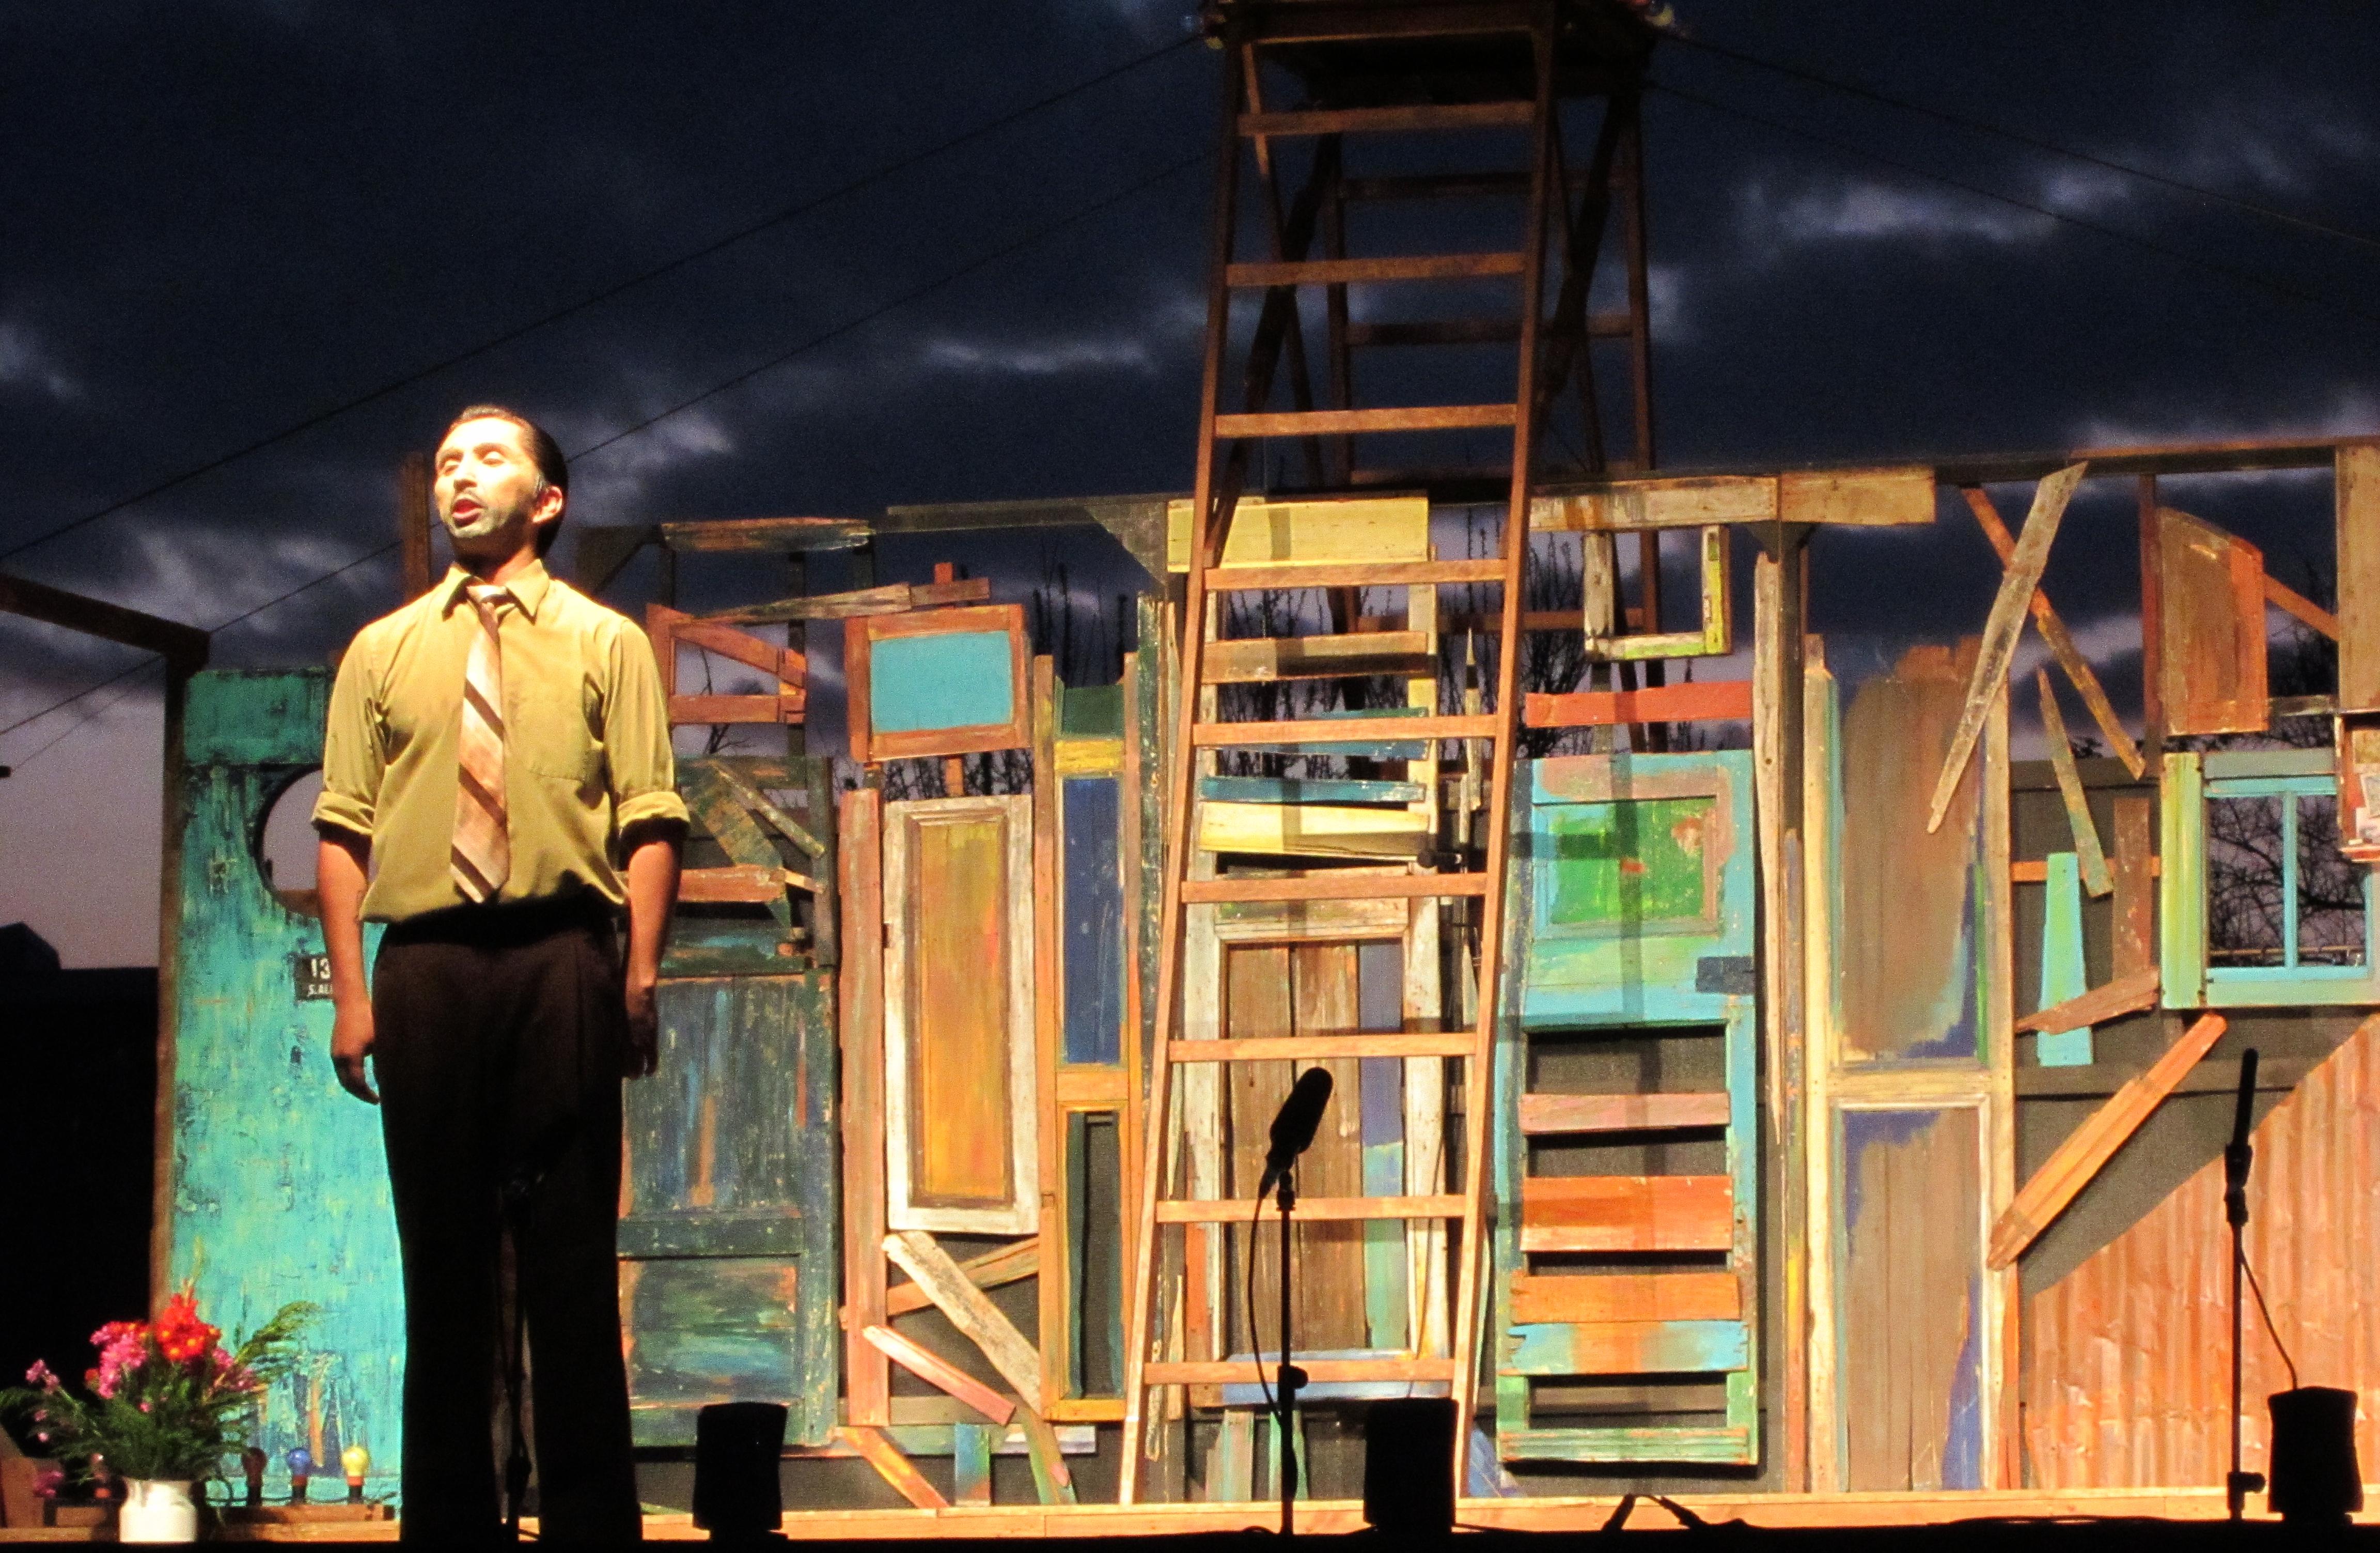 Roberto Parra representado en la obra teatral La Negra Ester, basada en su libro homónimo. La imagen muestra una presentación en el año 2012.